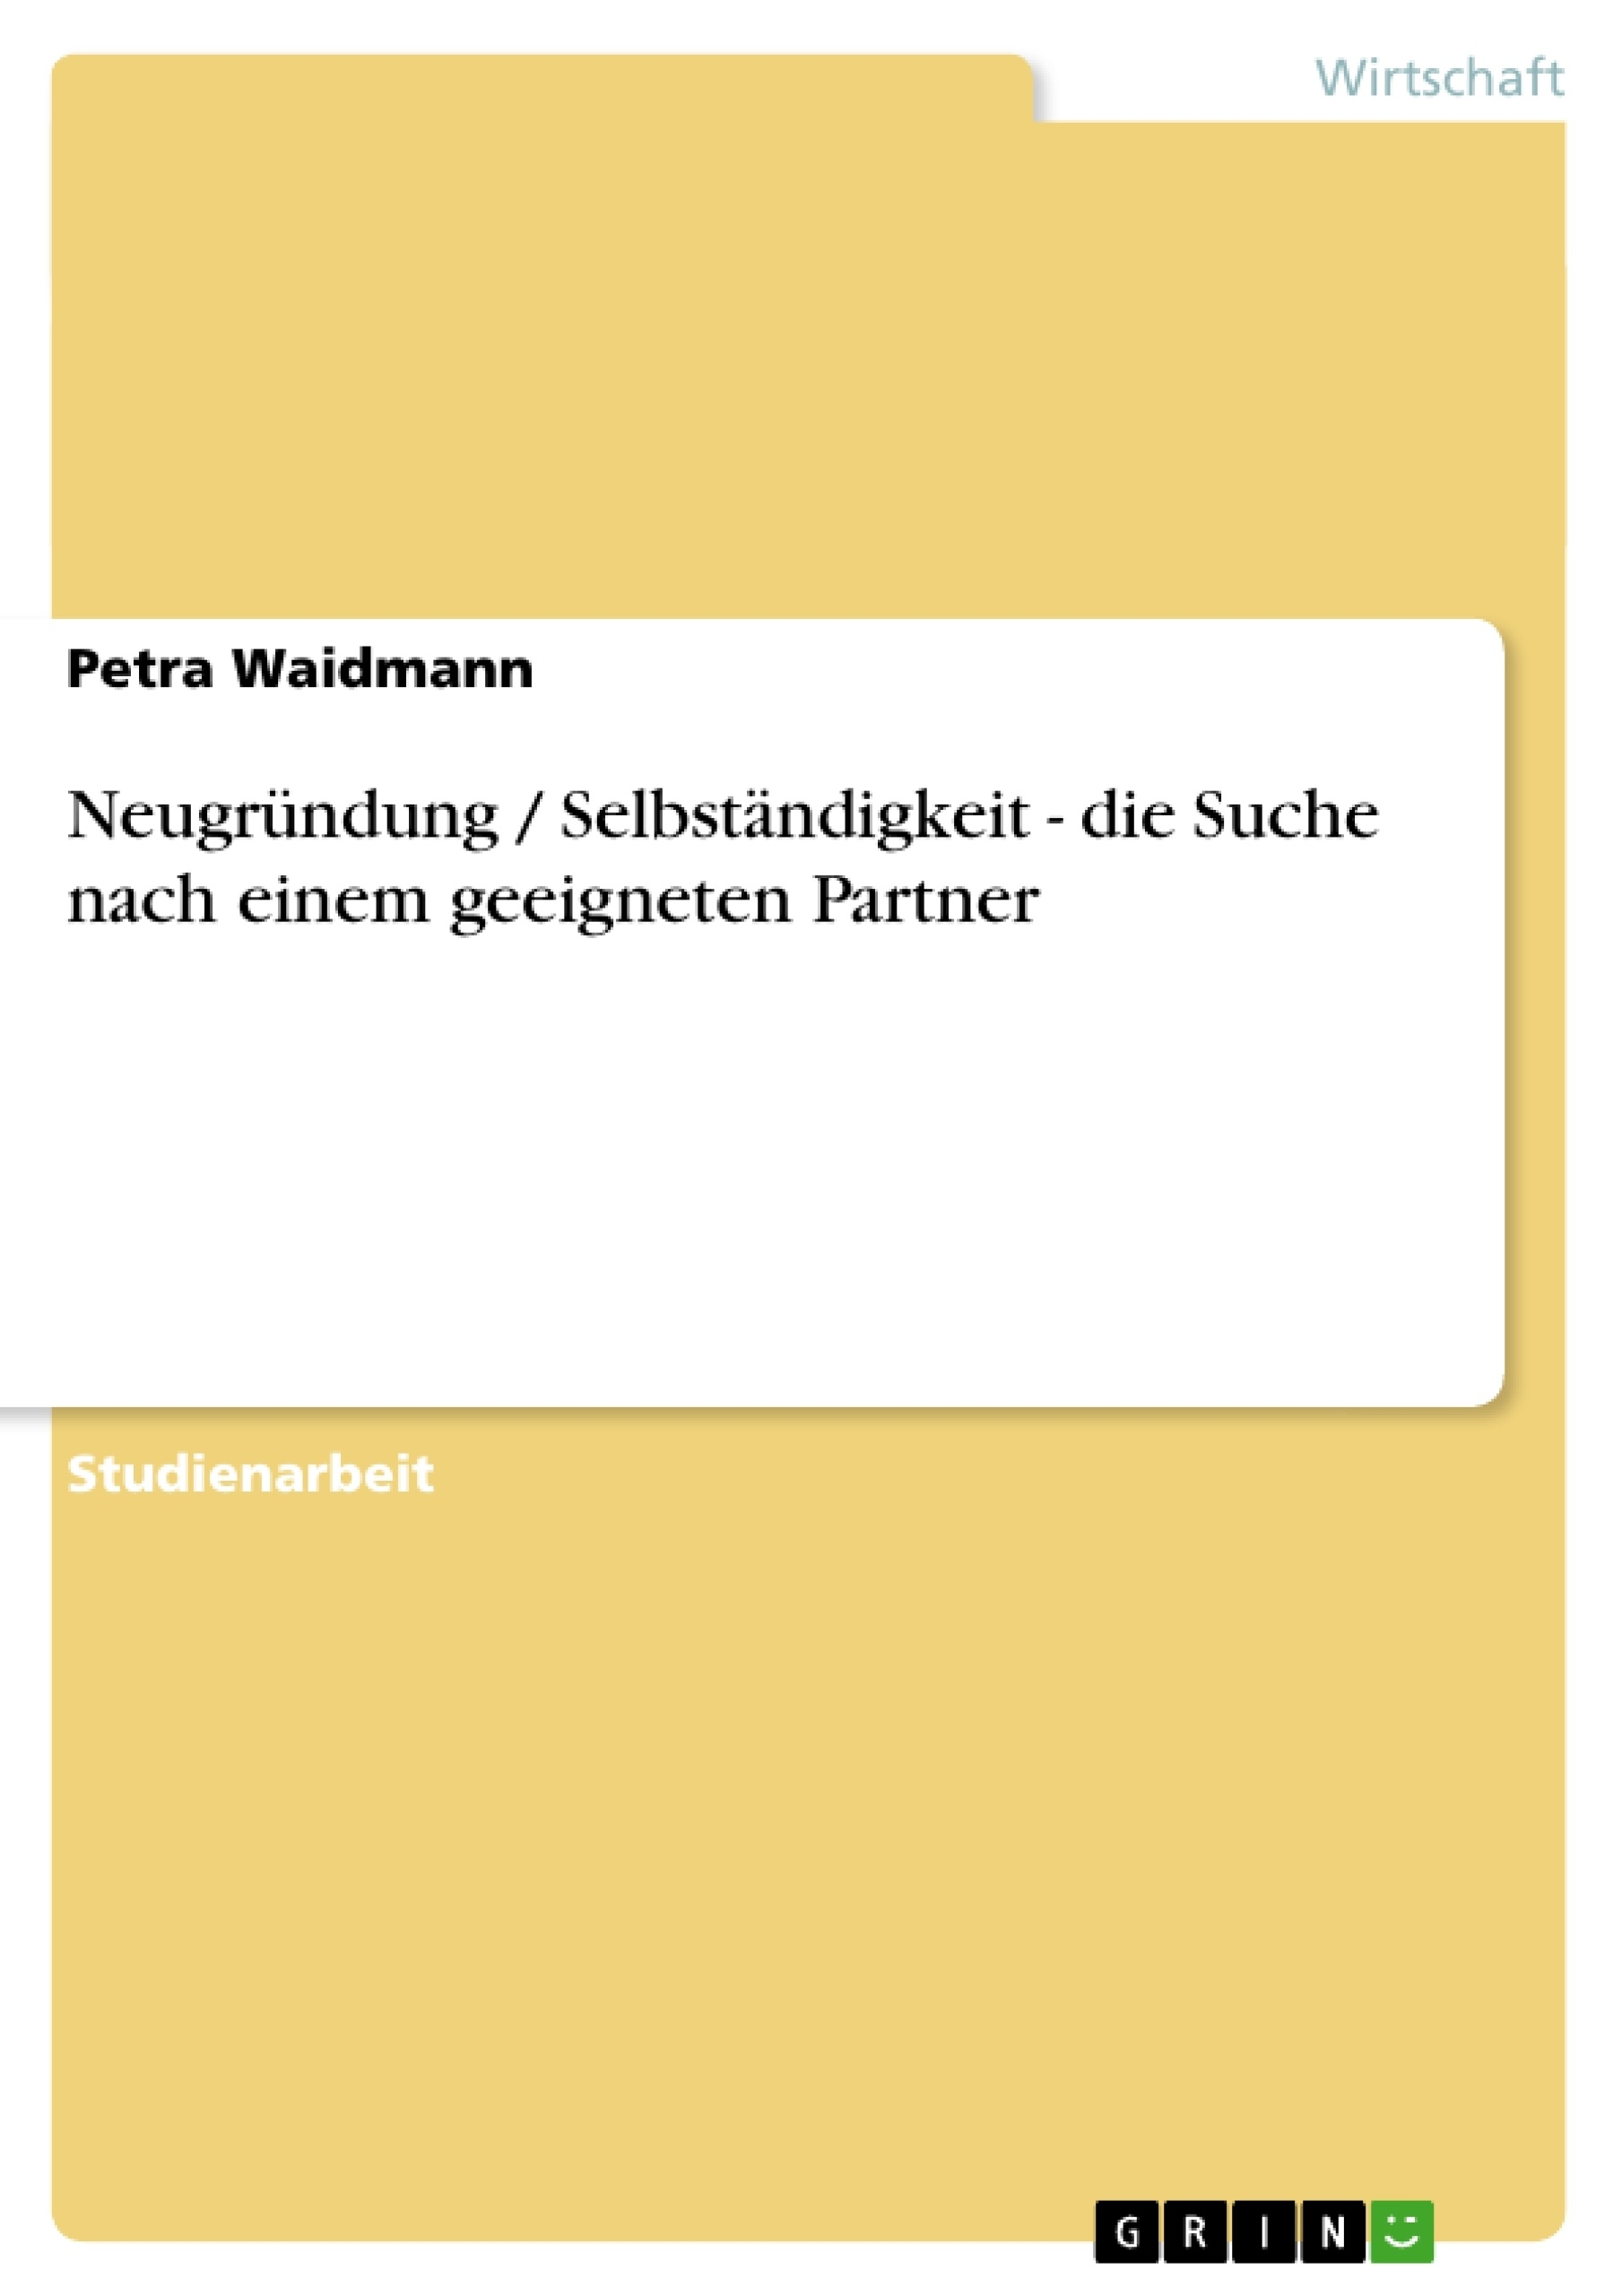 Titel: Neugründung / Selbständigkeit - die Suche nach einem geeigneten Partner